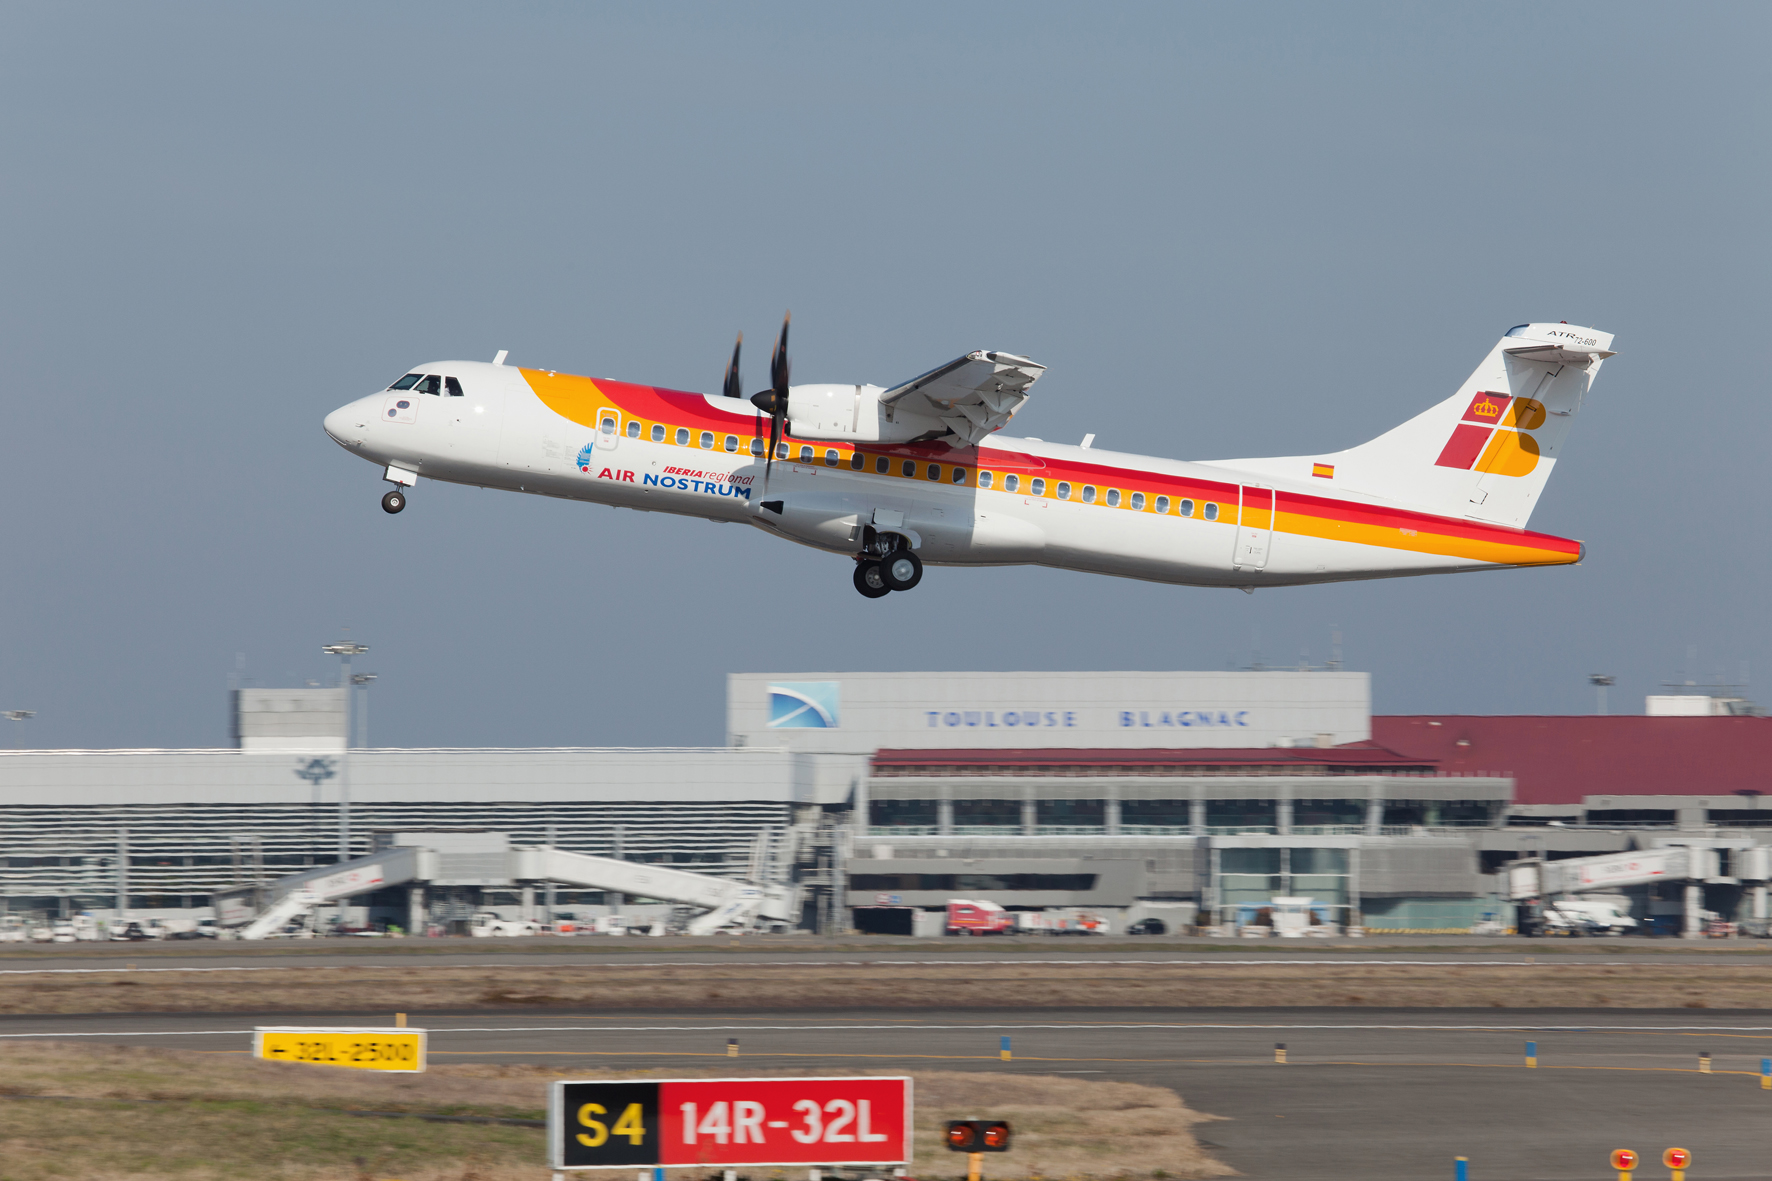 Air Nostrum pone en marcha una nueva ruta que conecta Melilla con Barcelona